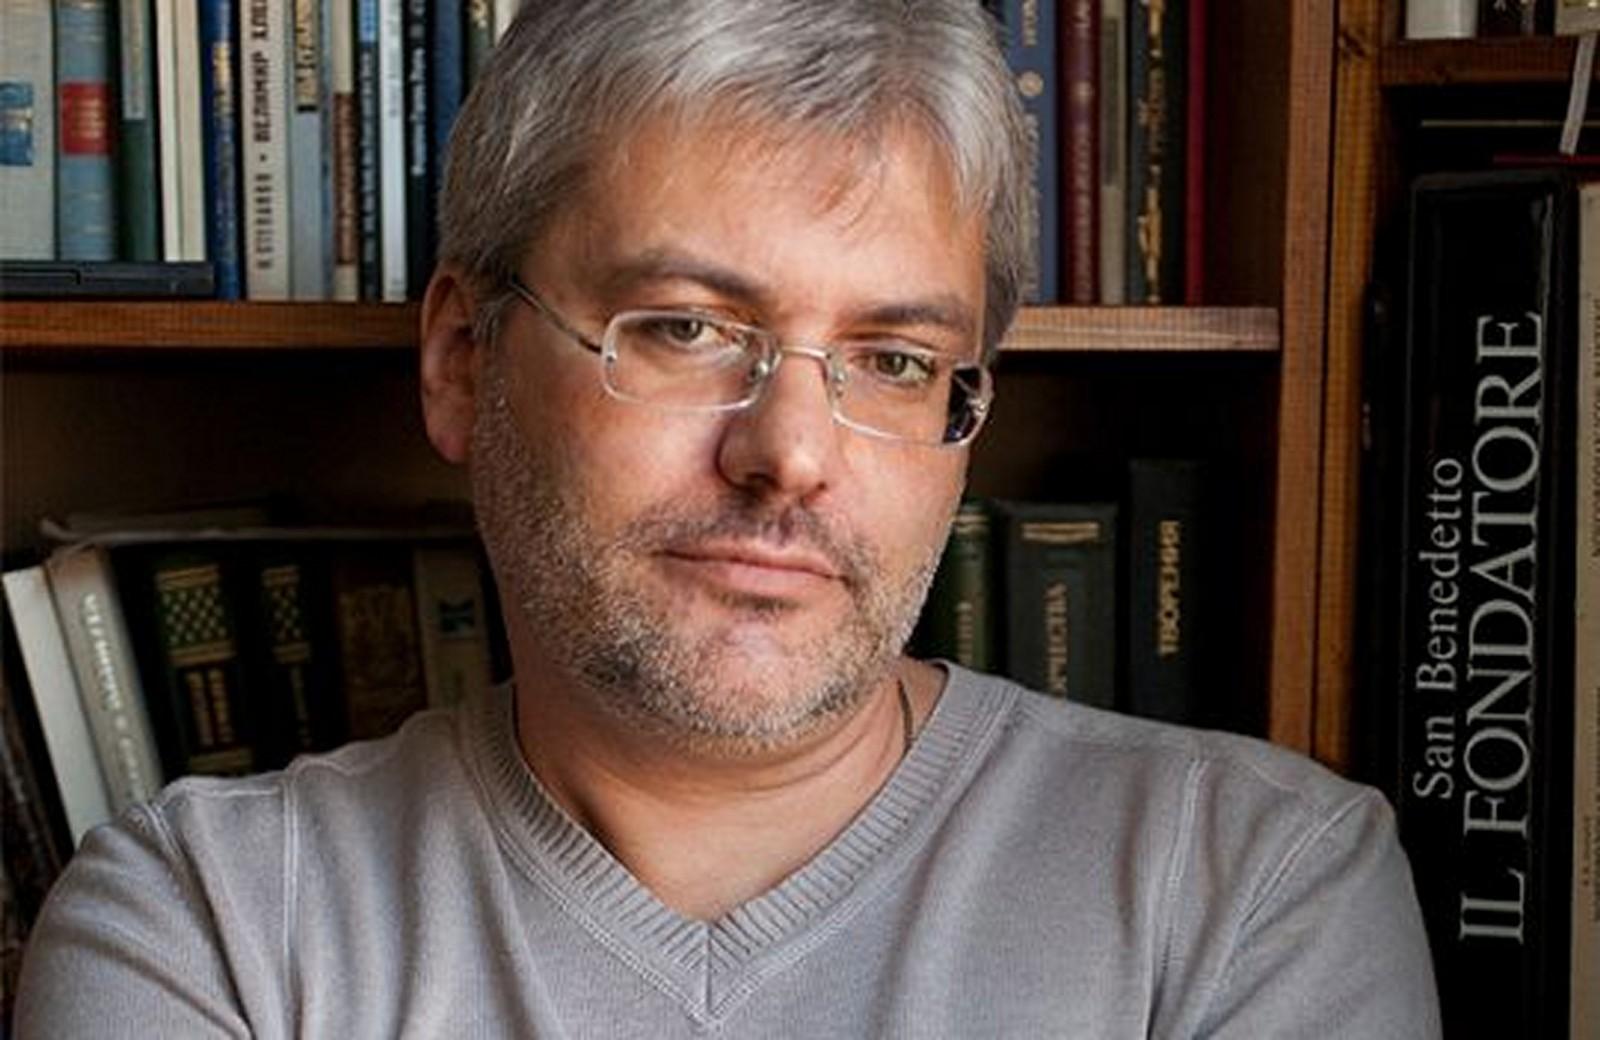 Писатель Евгений Водолазкин поддержал вологодскую библиотеку, оказавшуюся на грани закрытия